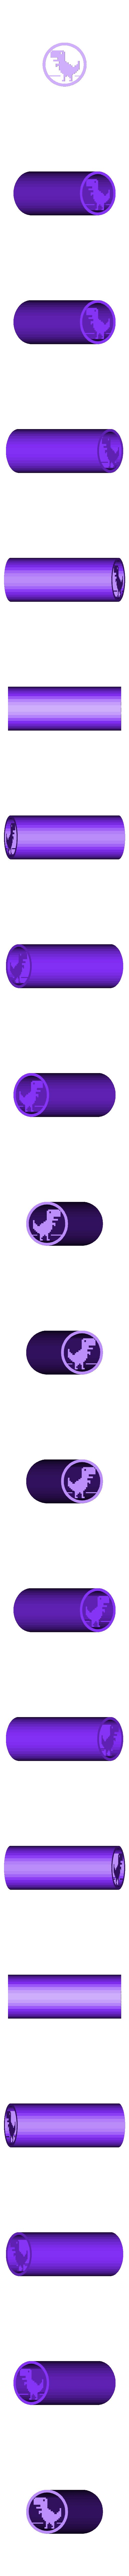 Dino1.STL Télécharger fichier STL 36 CONSEILS SUR LES FILTRES À MAUVAISES HERBES VOL.1+2+3+4 • Design pour impression 3D, SnakeCreations